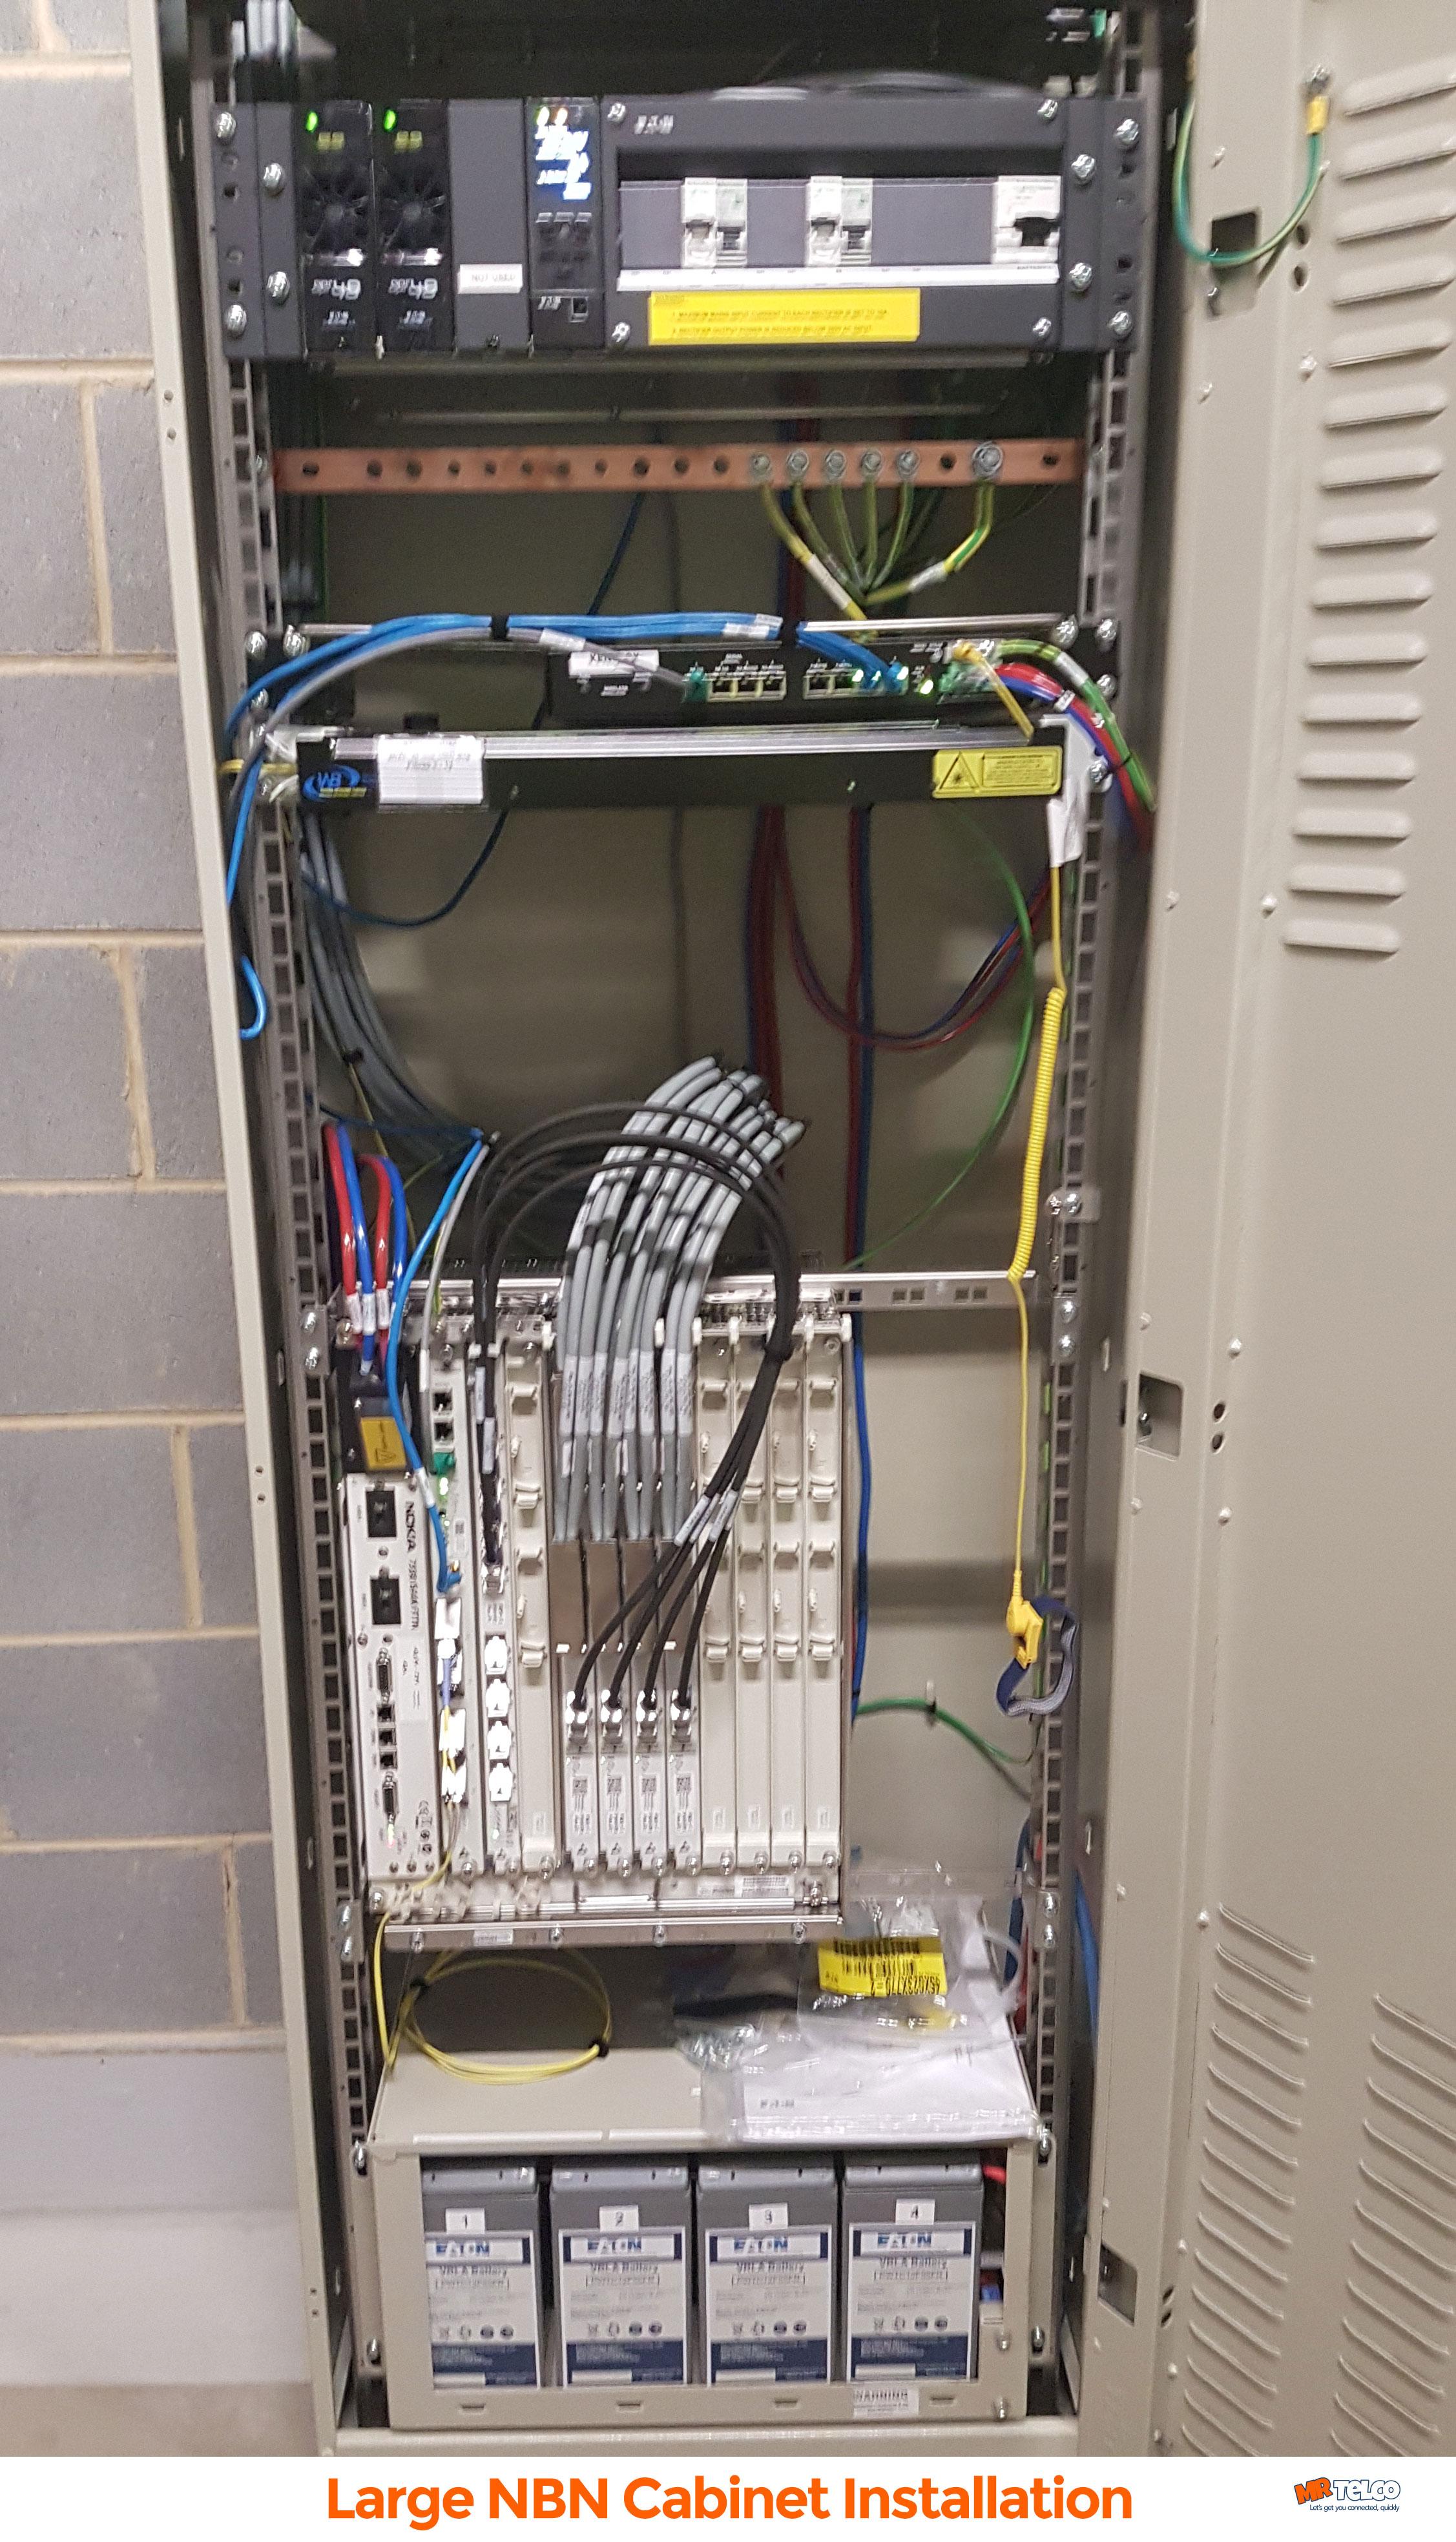 NBN Subcontractors Explain FTTB Speed, Installation & Repair